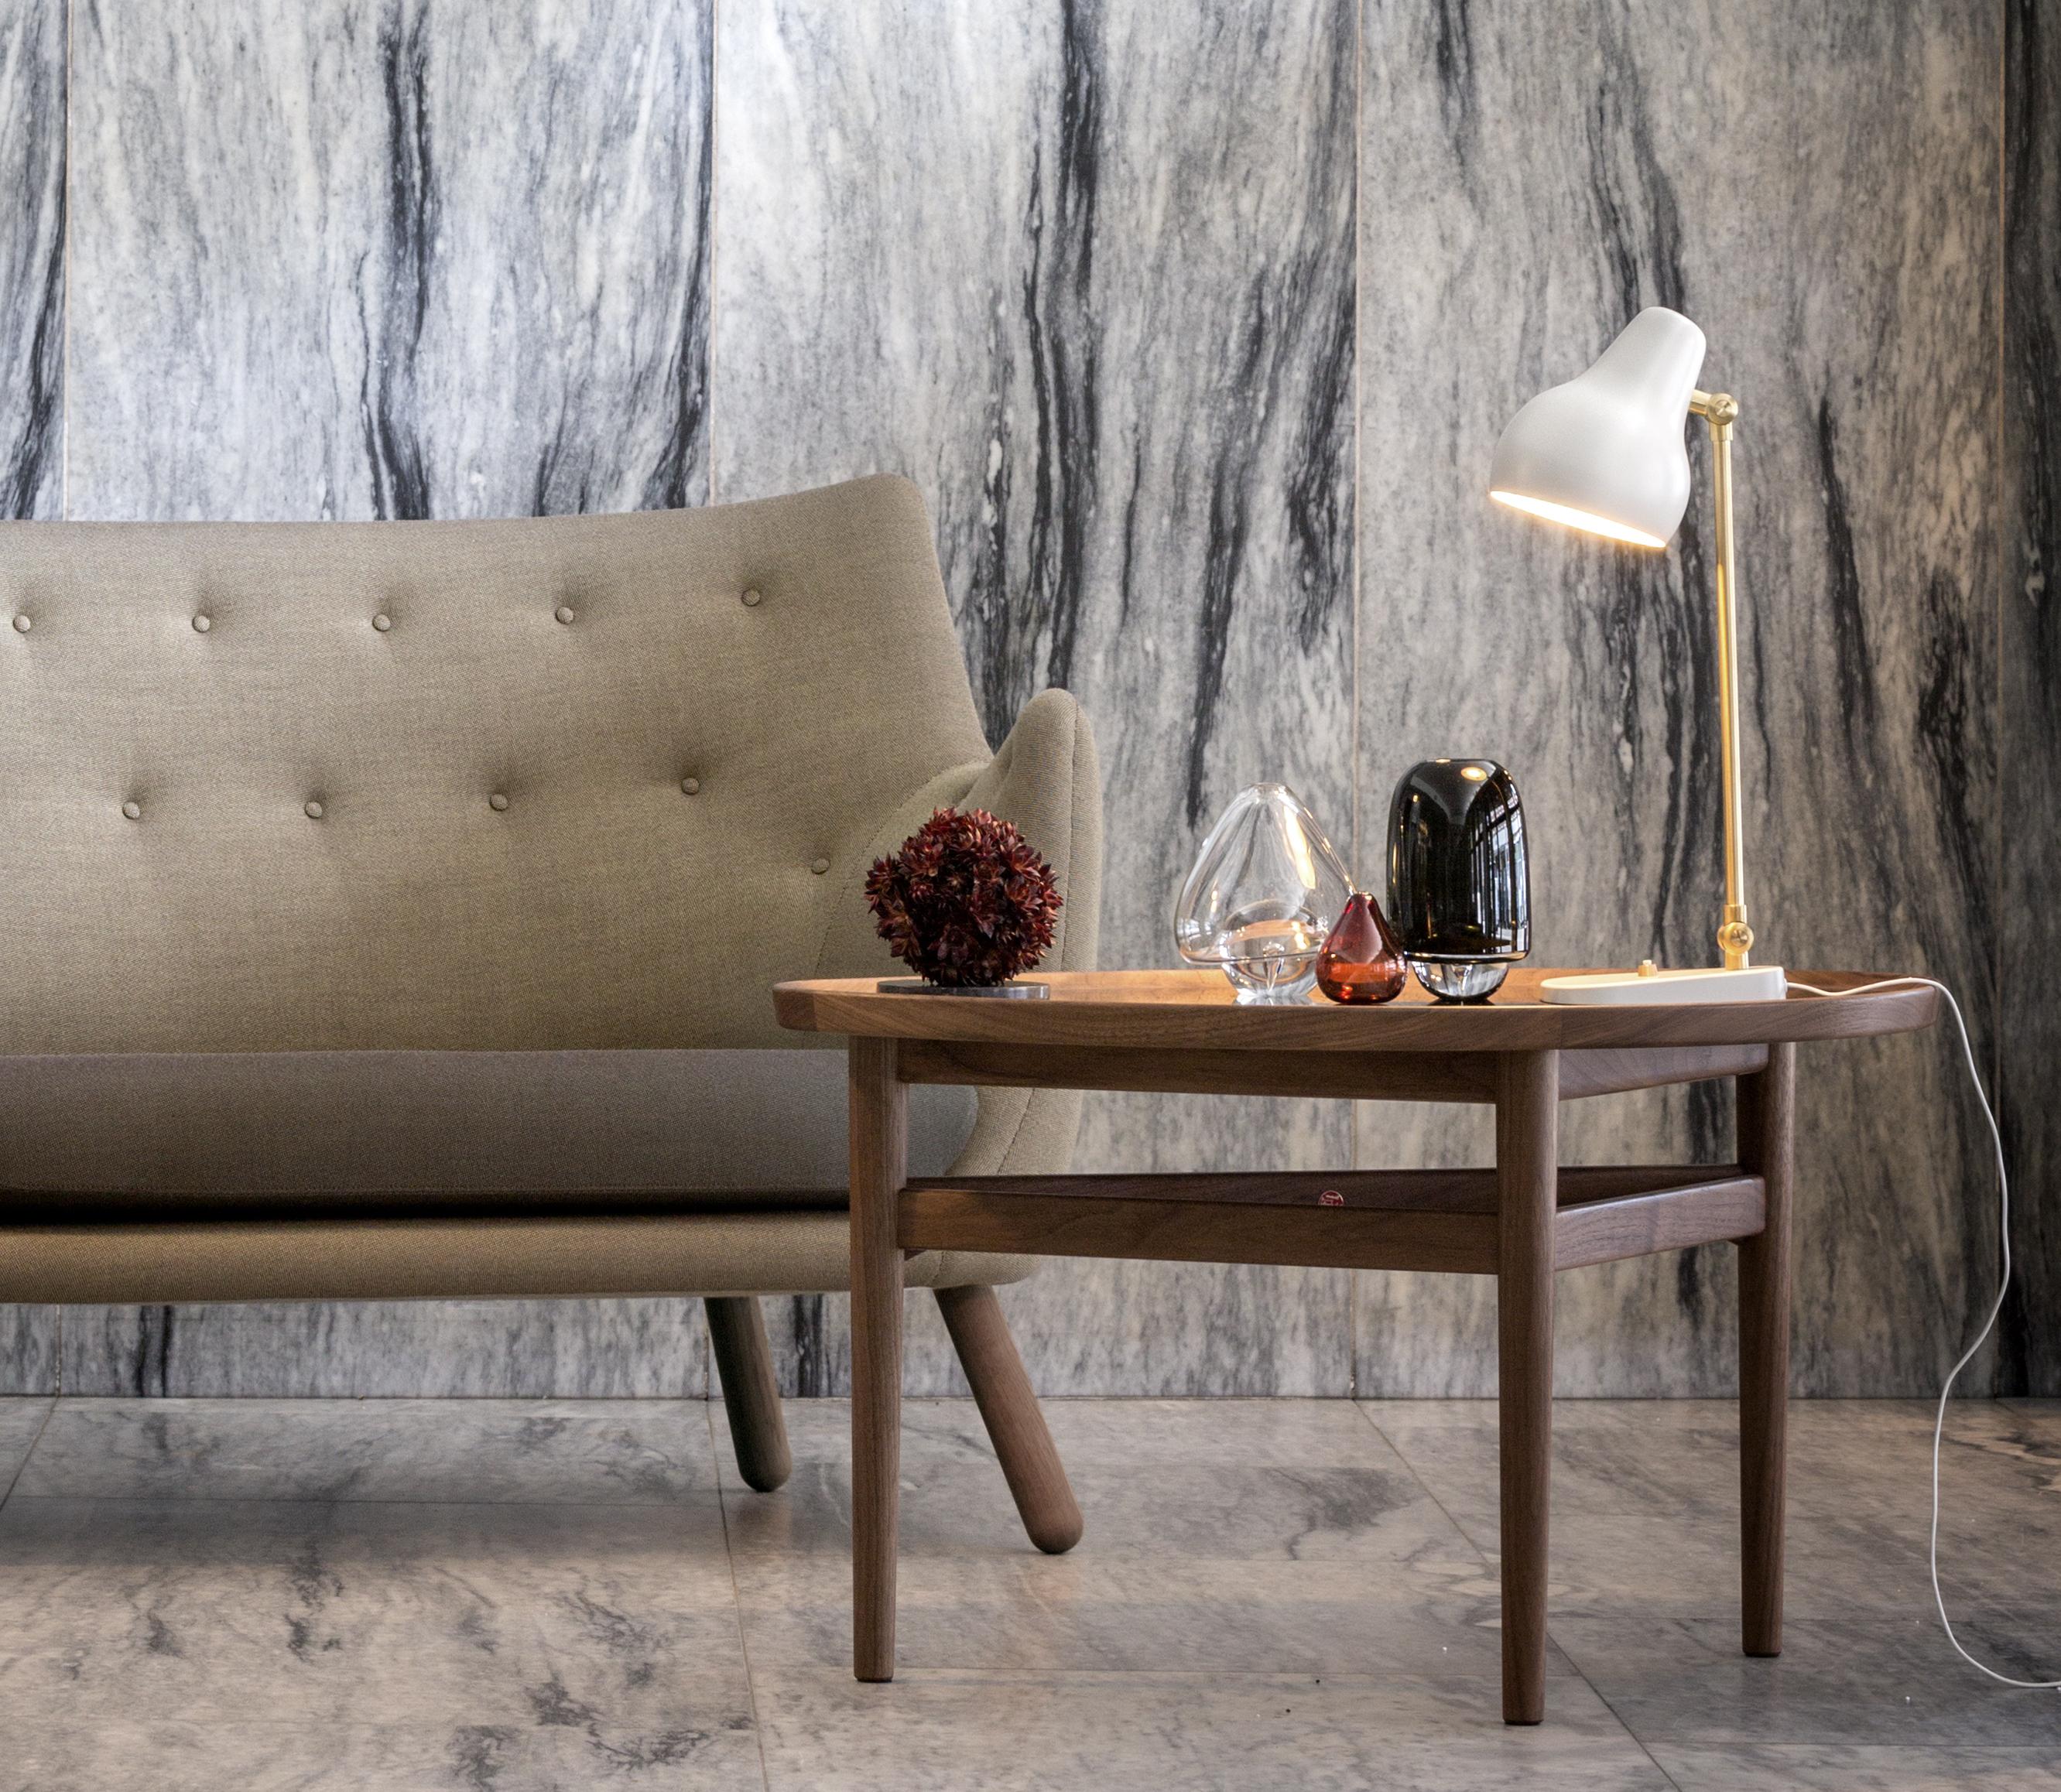 louis poulsen vl38 lampe de table lampadaire applique. Black Bedroom Furniture Sets. Home Design Ideas